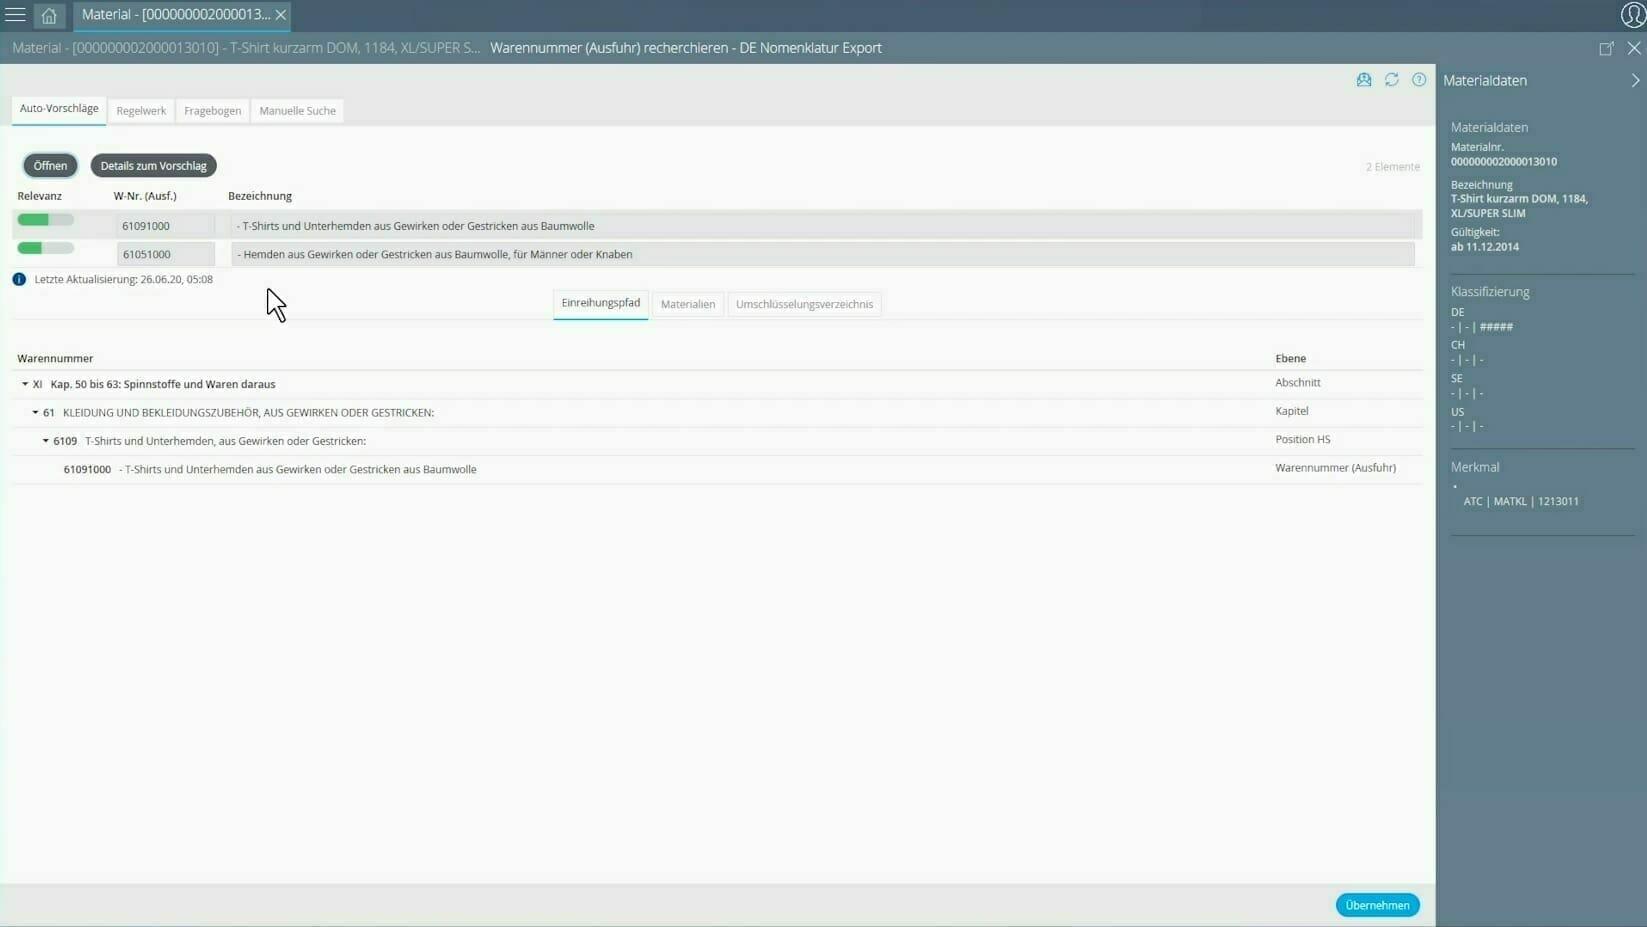 AEB Product Classification ermittelt mittels Machine-Learning-Verfahren passende Tarifierungsvorschläge. Dazu werden neu angelegte Artikel mit bereits eingereihten Waren verglichen. Auch Alternativvorschläge werden angezeigt – inklusive Relevanzbewertung mit schnell ersichtlicher grafischer Balkendarstellung.